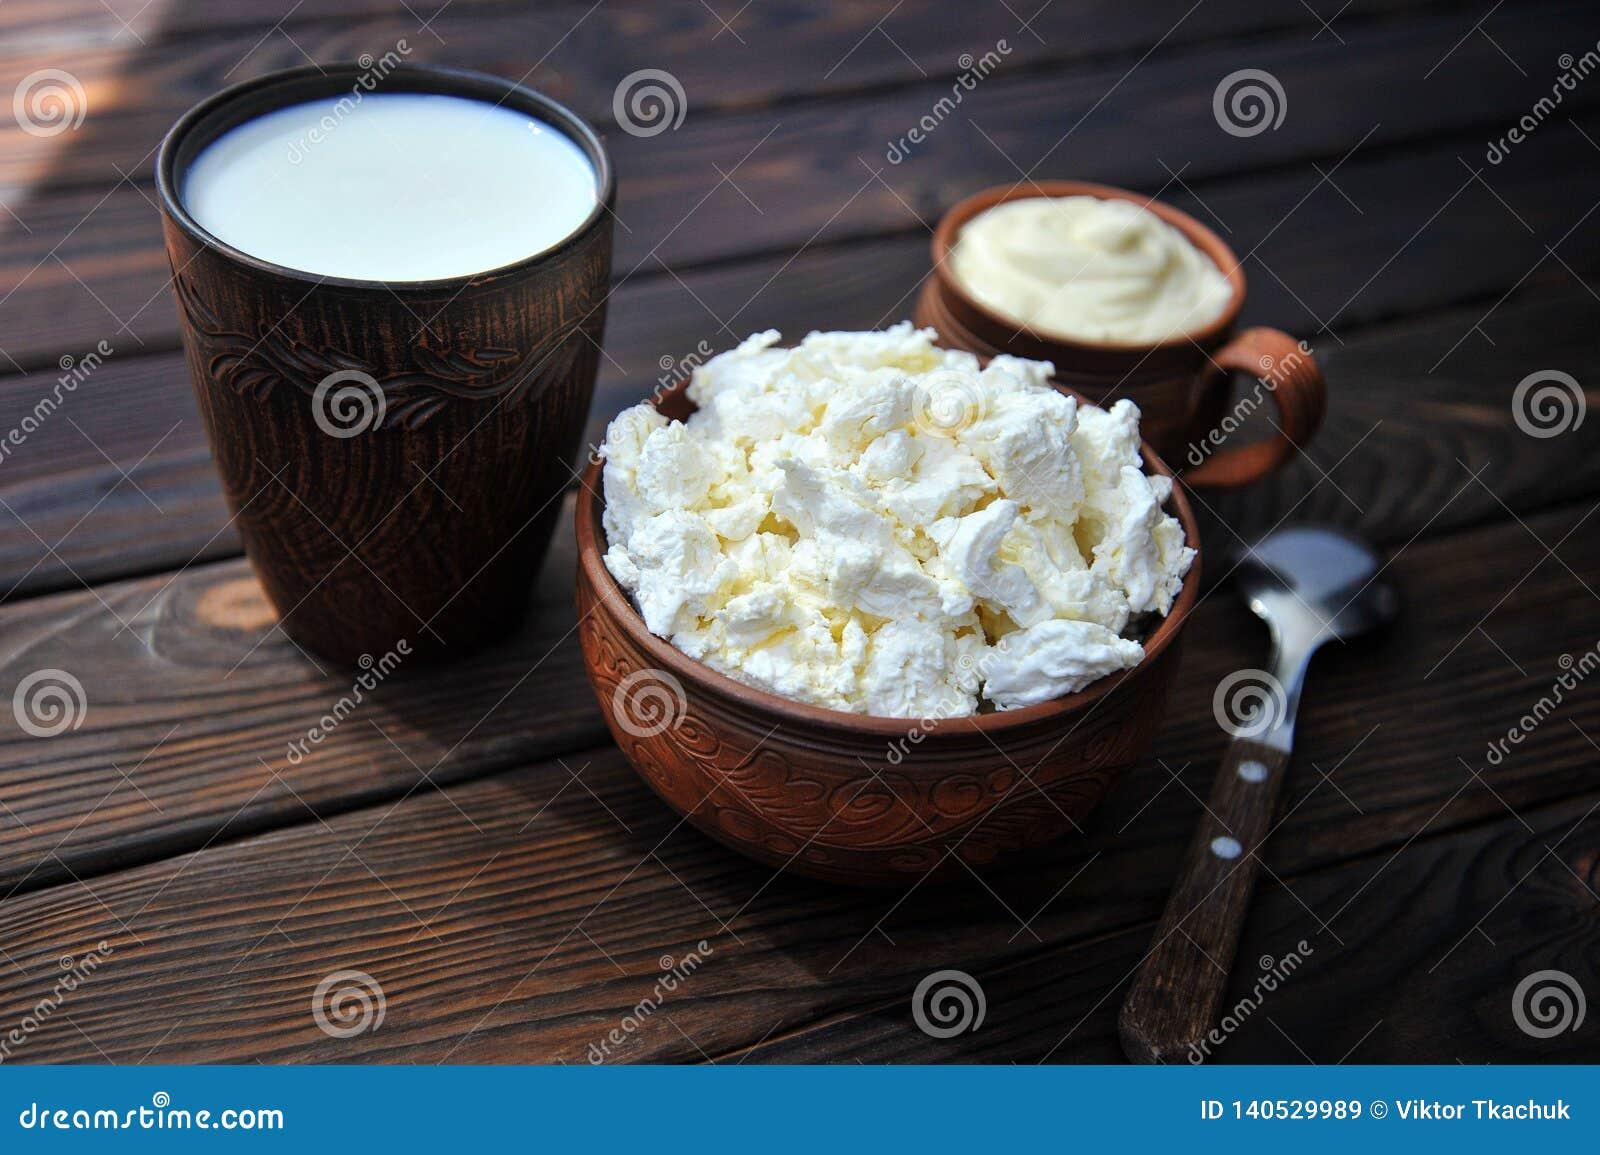 Een plaat van klei met kwark, een mok klei met zure room, een mok met melk en een lepel op a tablen